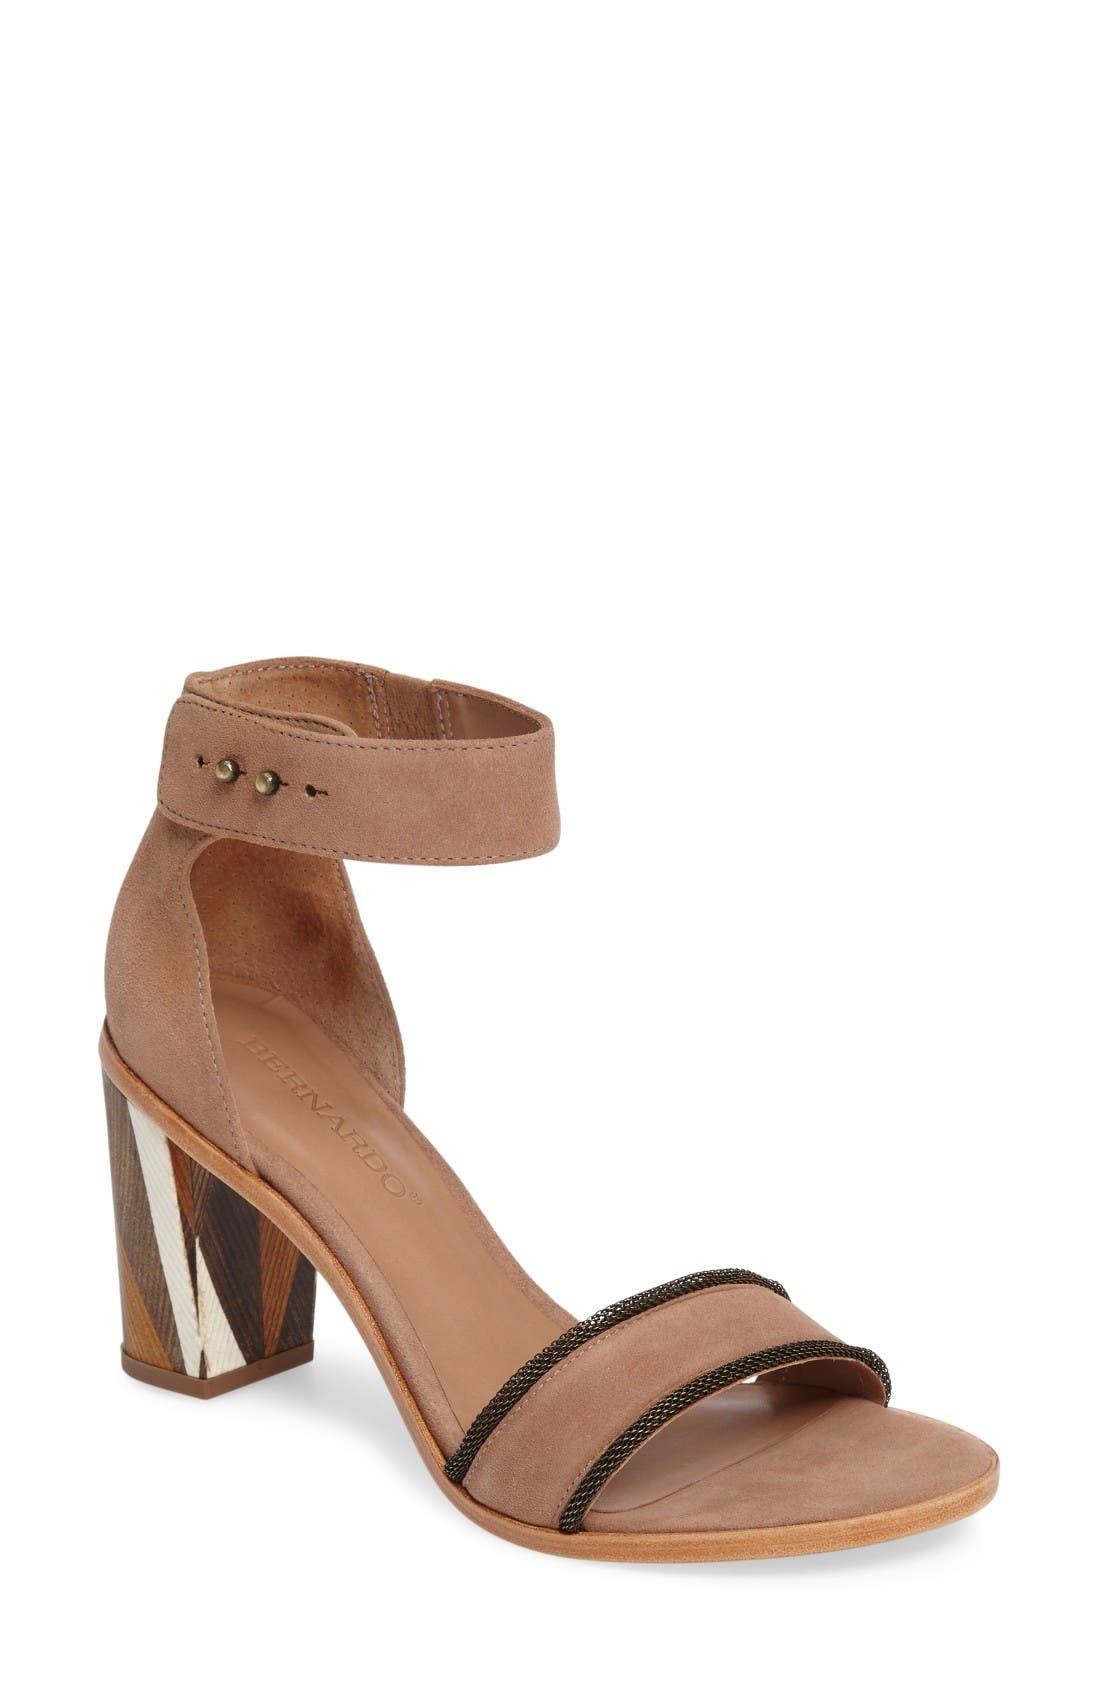 Bernardo Hayden Ankle Strap Sandal,                         Main,                         color, Sand Suede